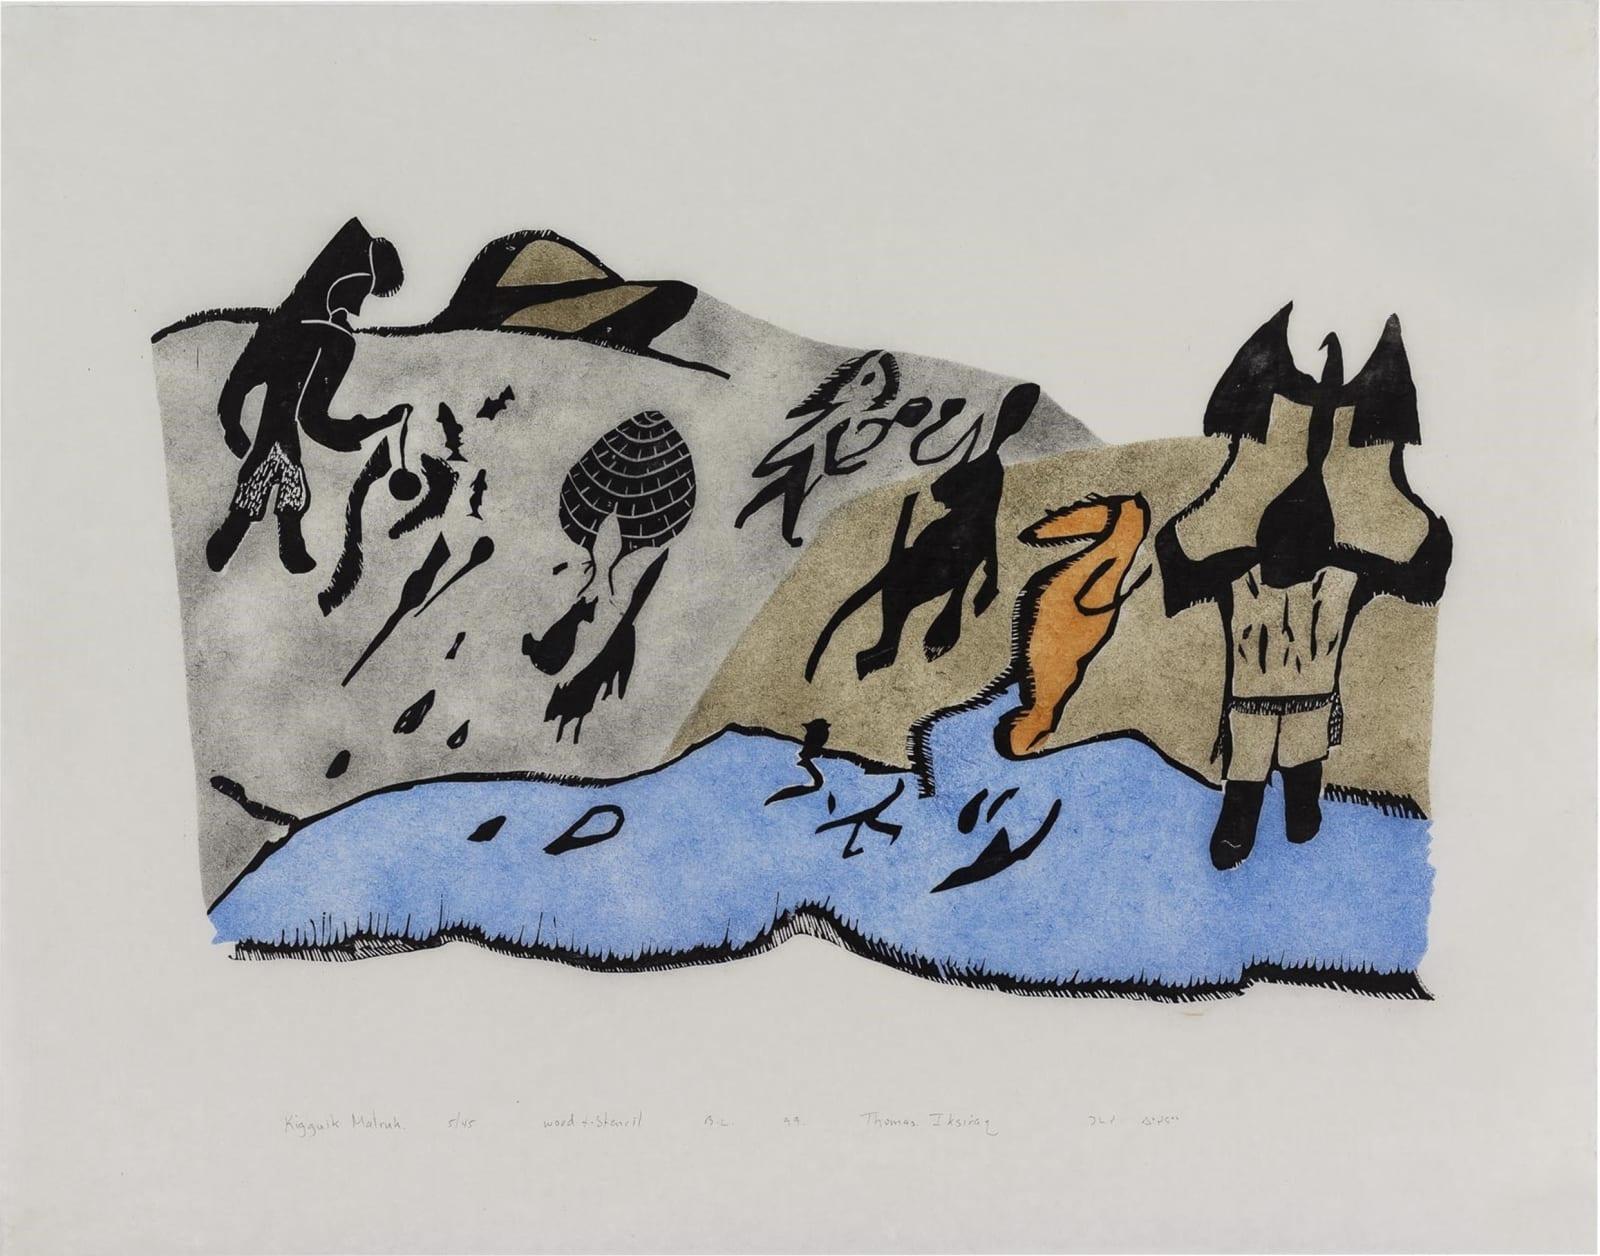 THOMAS IKSIRAQ (1941-1991) QAMANI'TUAQ (BAKER LAKE) Kigutik Malruk, 1999 woodcut and stencil sight: 18 x 23 1/4 in (45.7 x 59 cm) Estimate: $300 — $400 New Price: $225